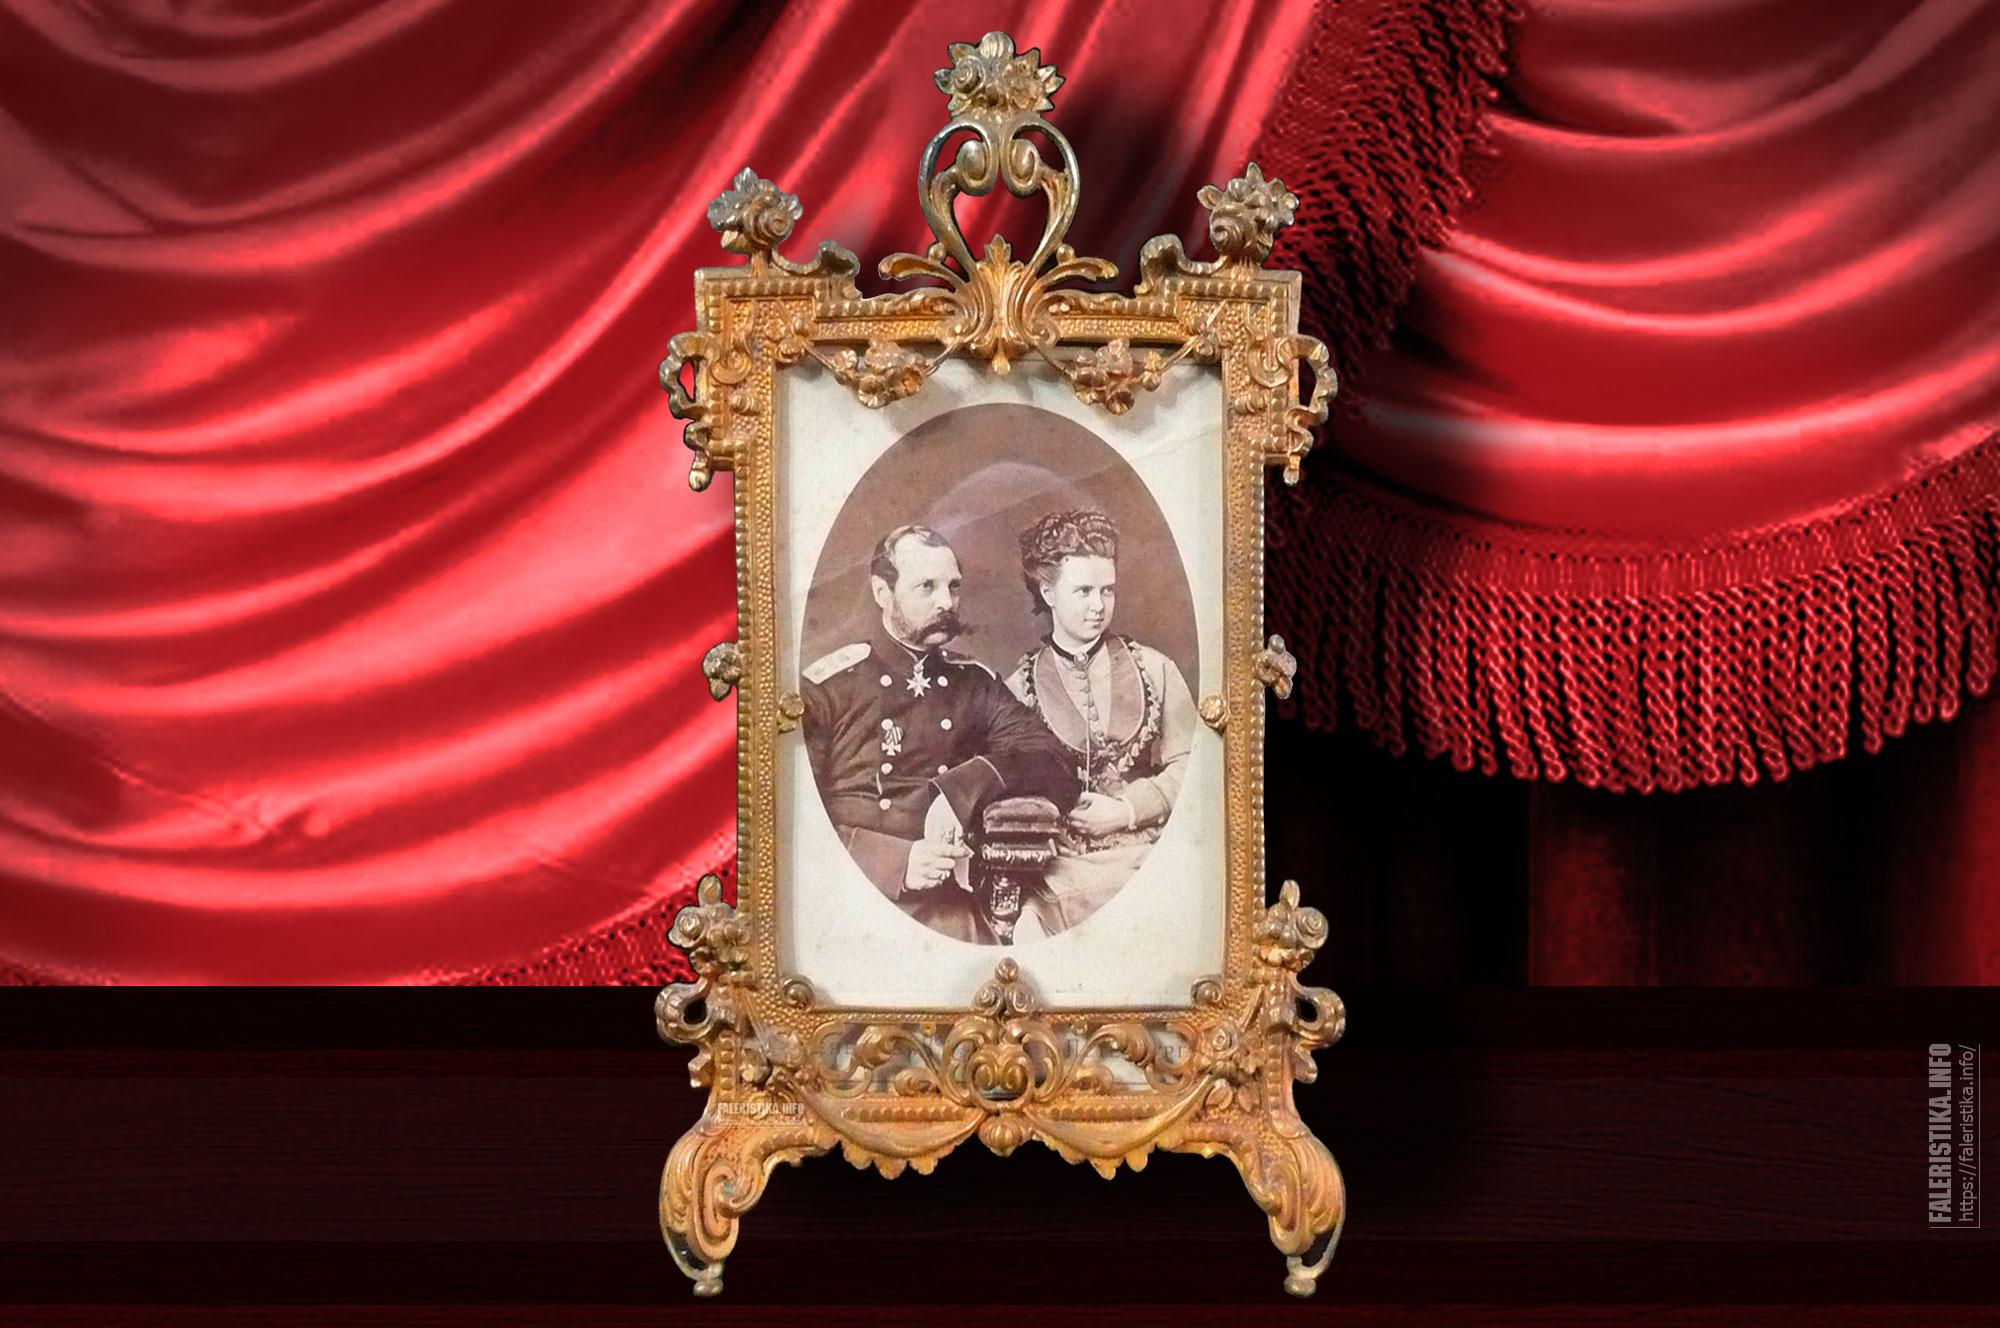 Император Александр II и его дочь — великая княгиня Мария Александровна. 1873 год